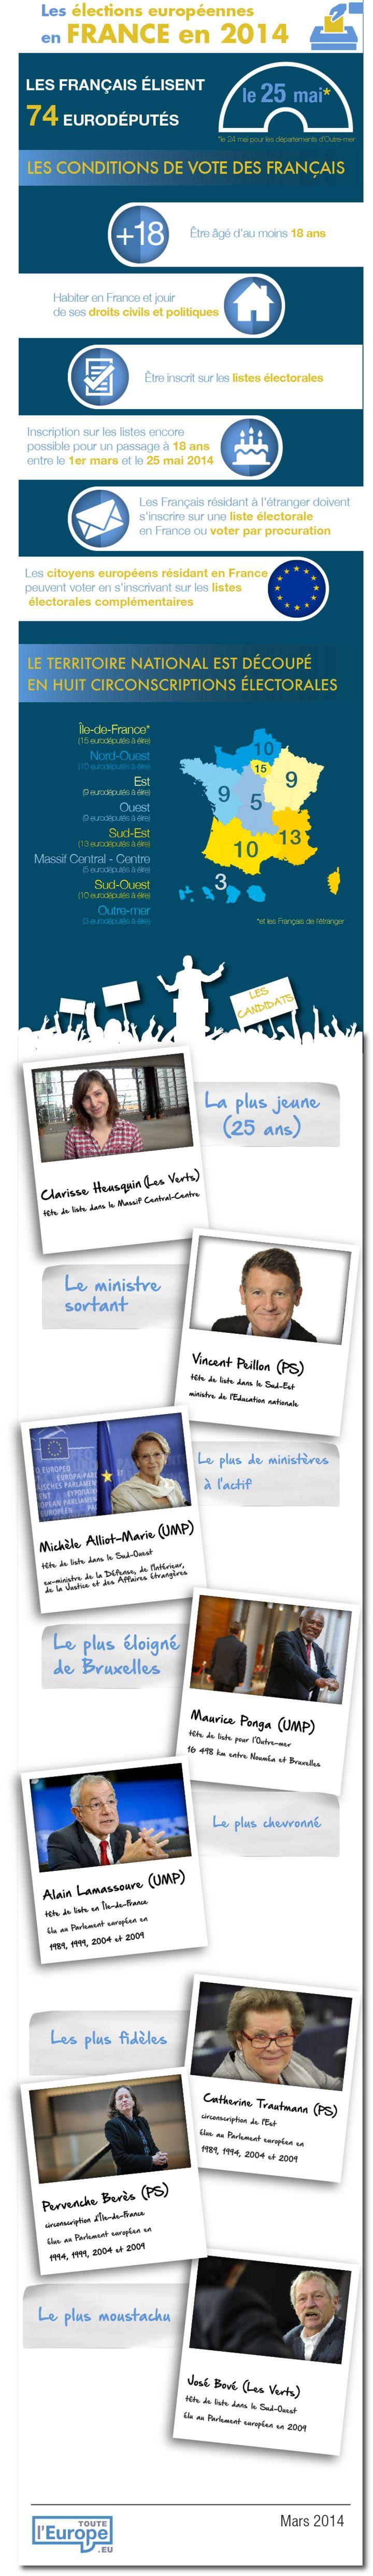 [Infographie] Les élections européennes 2014 en France